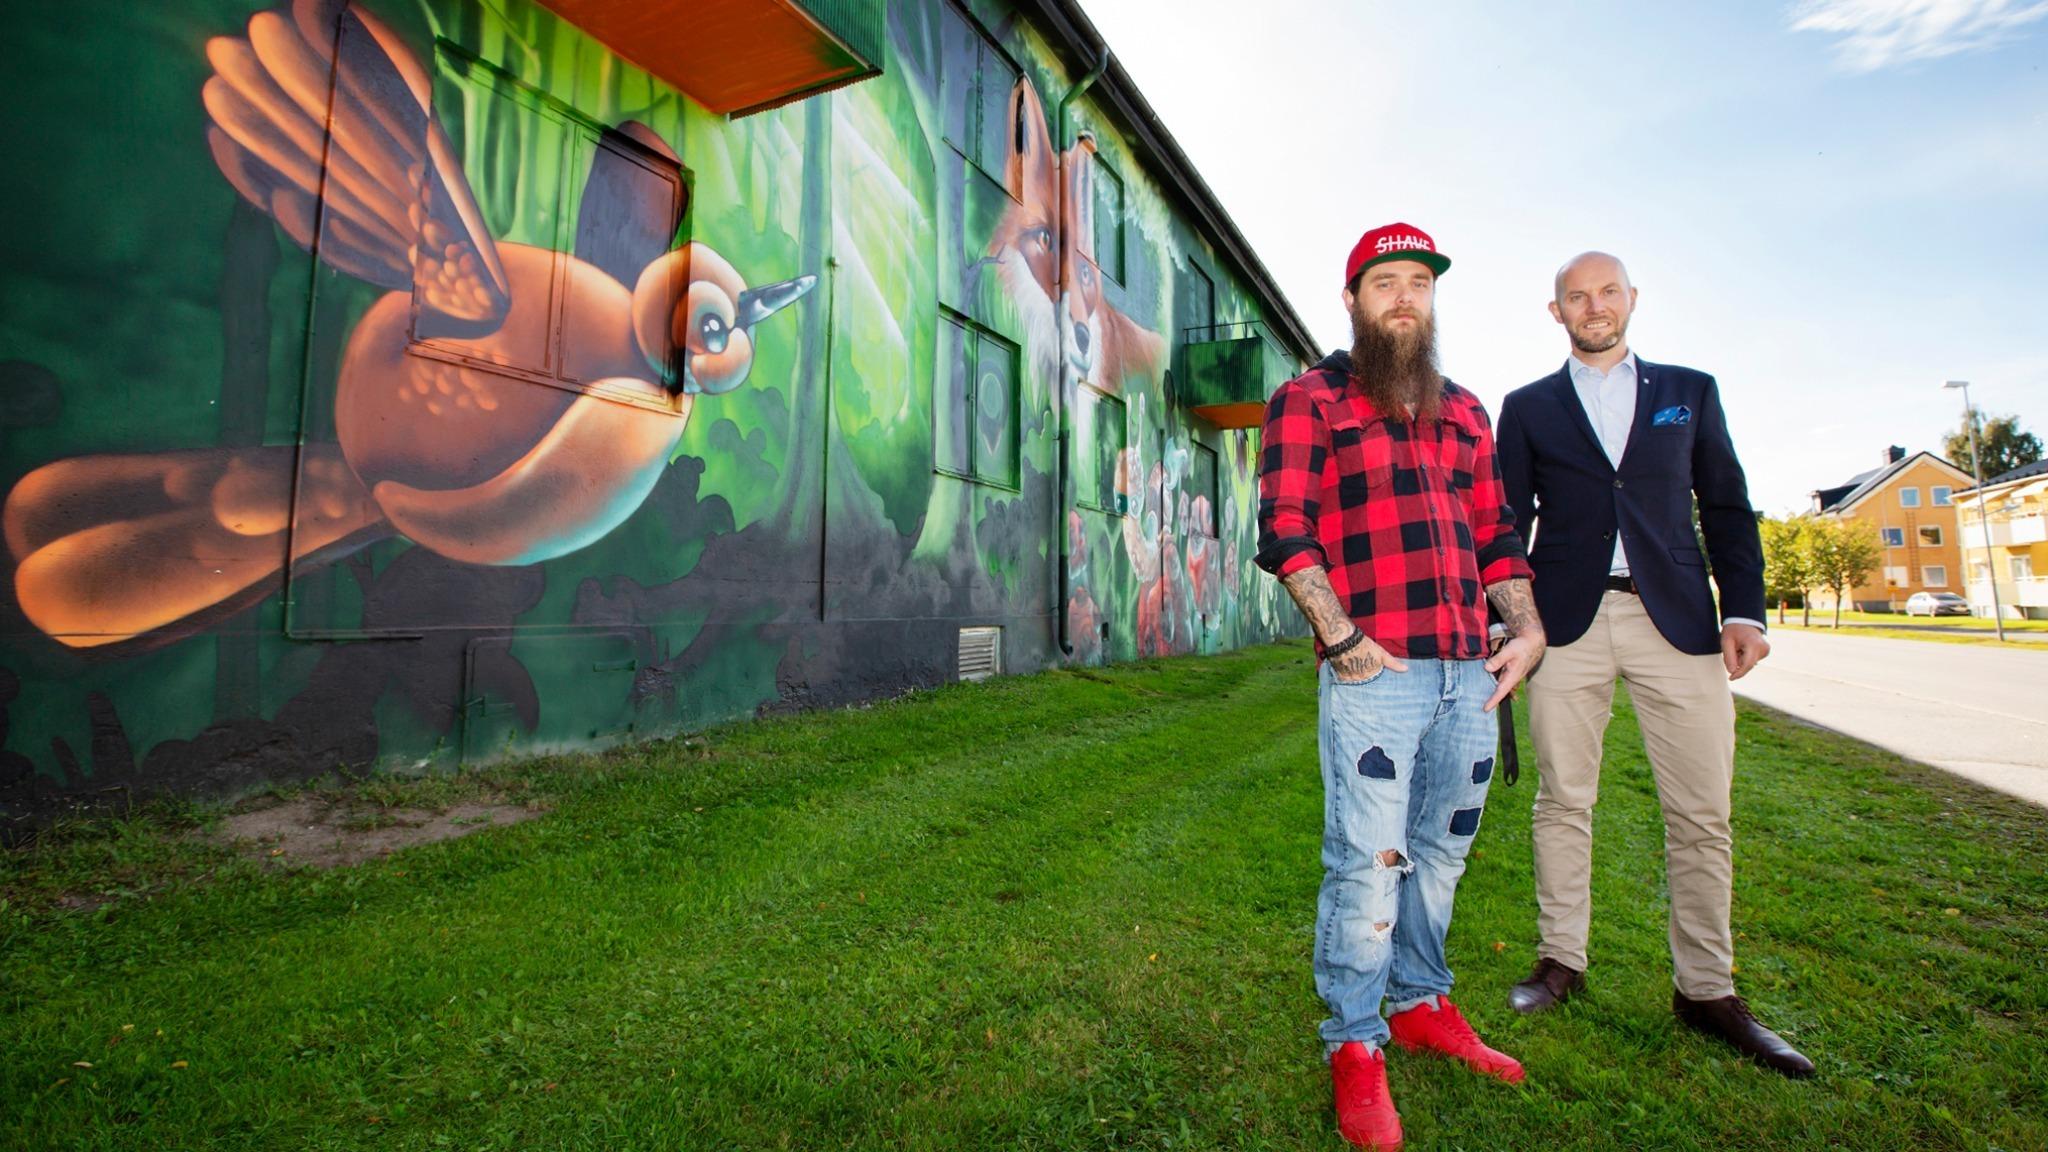 Ung man i skägg, röd keps och rödrutig skjorta och man utan hår i marinblå kostym framför en husfasad med en färgstark väggmålning som föreställer skog, en fågel, en räv och insekter.